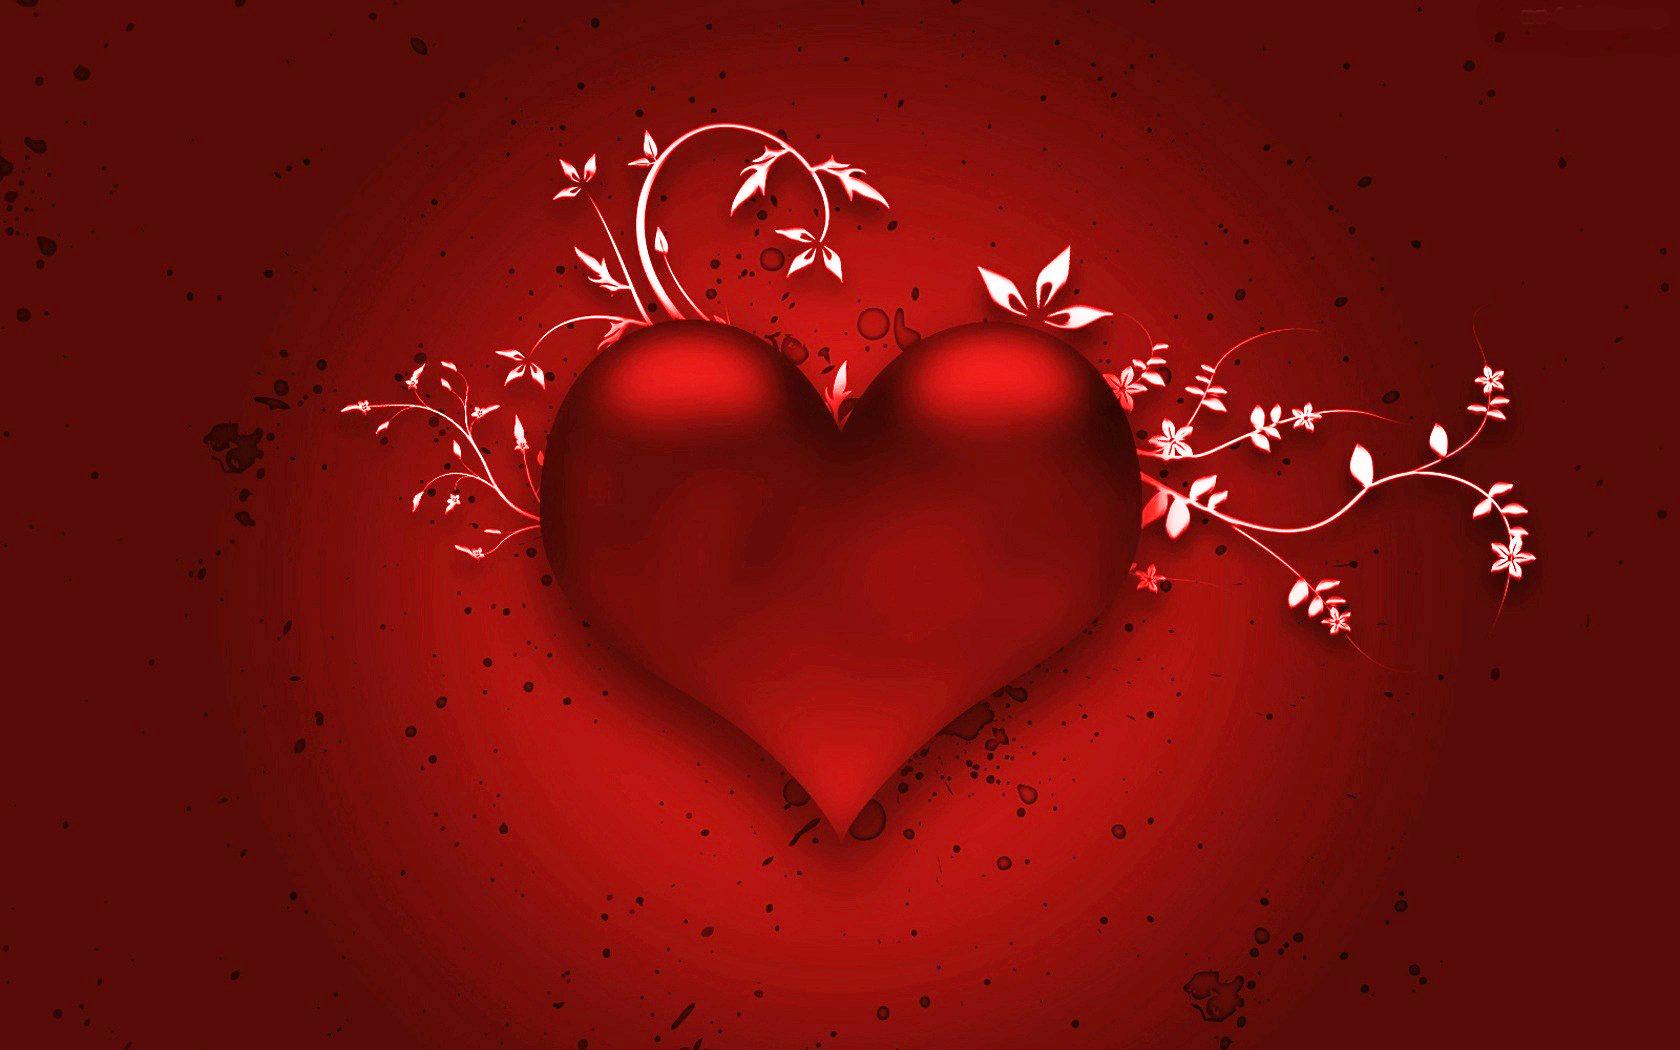 Love Wallpaper With Title : Love - Love Wallpaper (36632349) - Fanpop